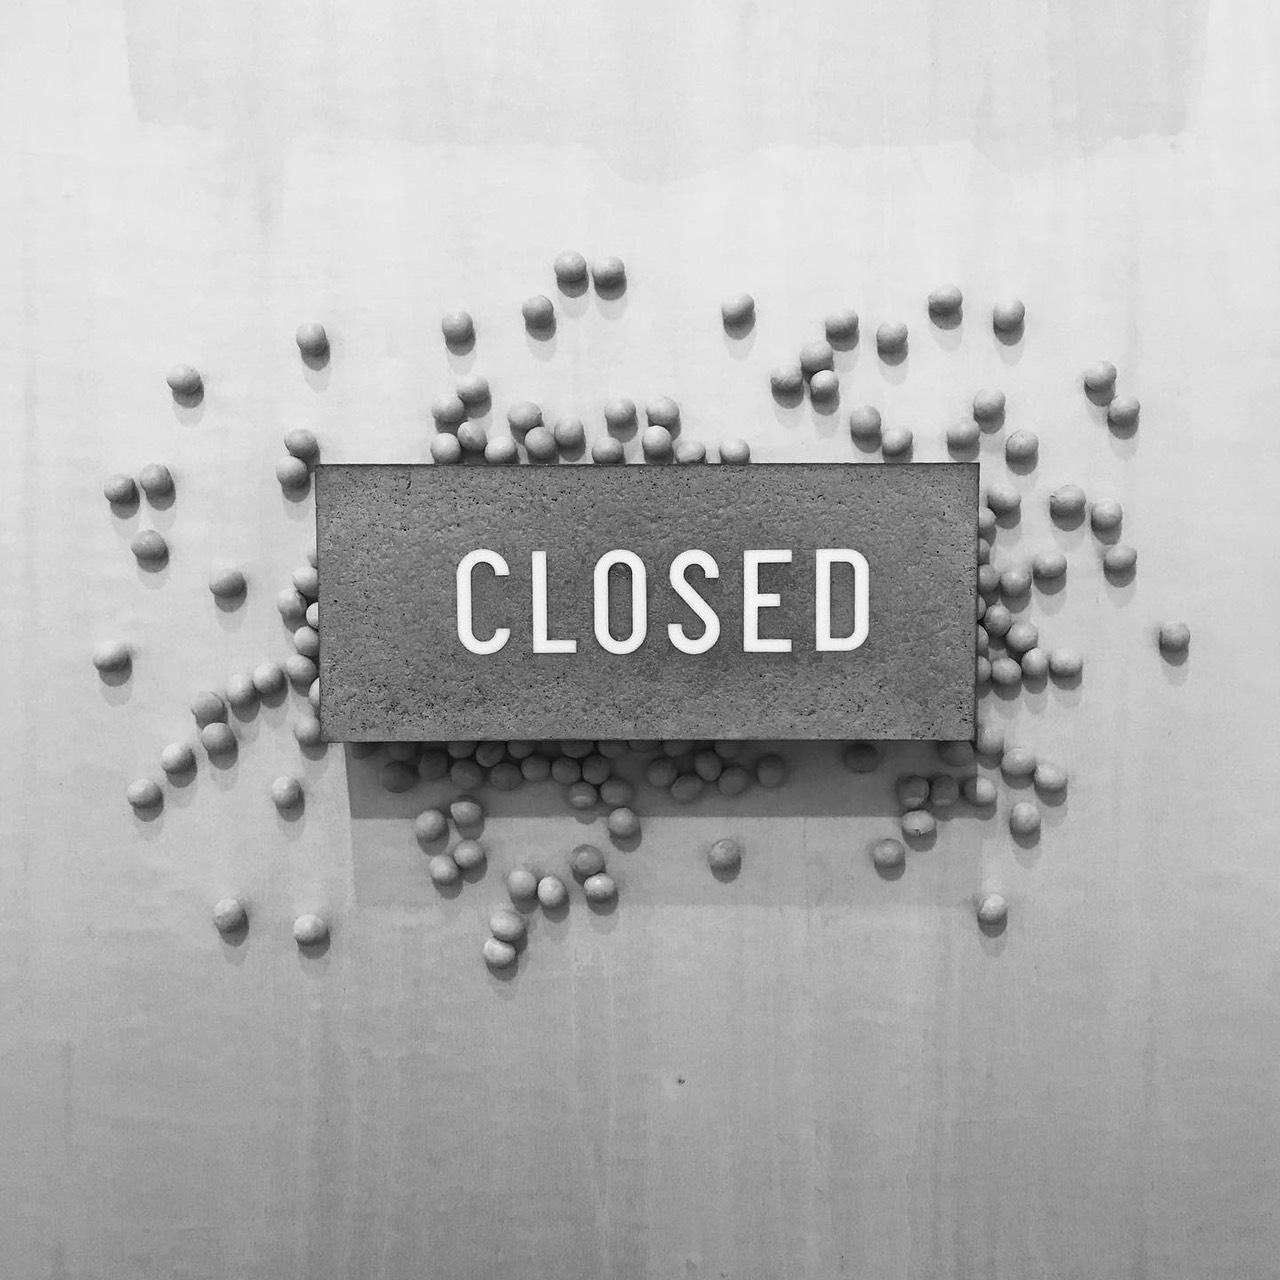 新型コロナウイルス感染リスク増加にともない 松陰神社前店休業のお知らせ